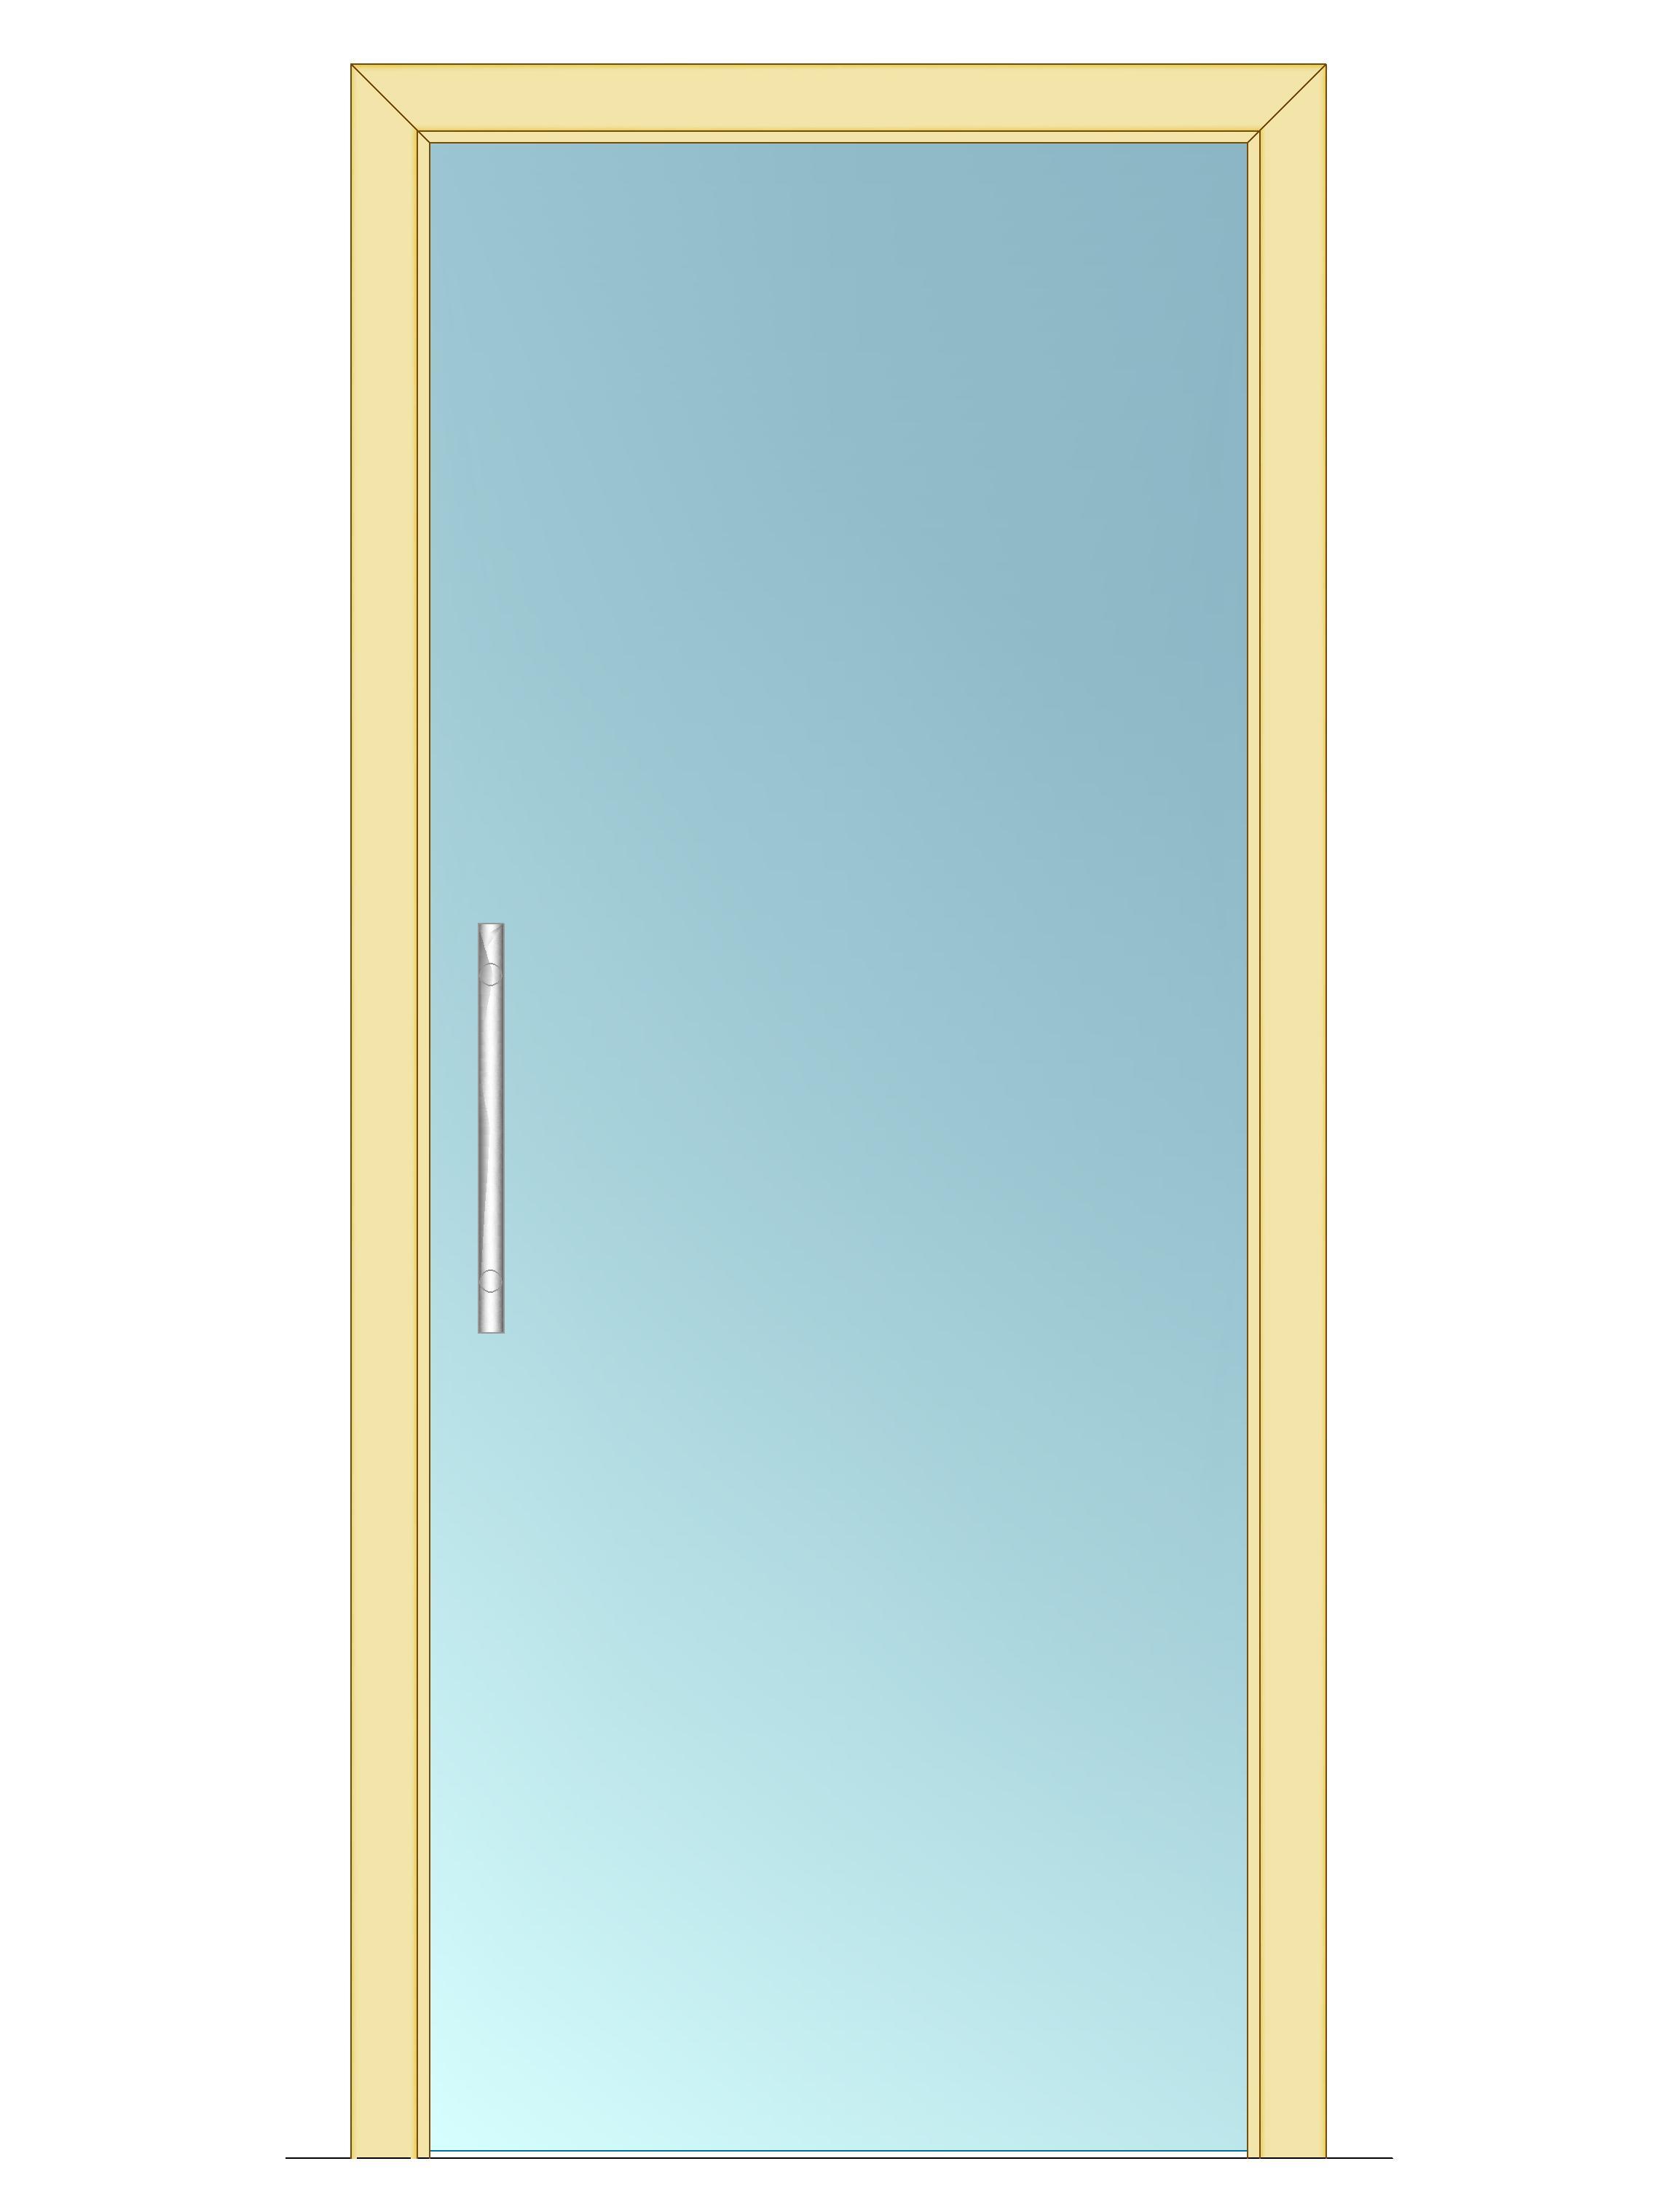 Celoskleněné dveře - posuvné - ČIRÉ 800mm Výška: 210cm